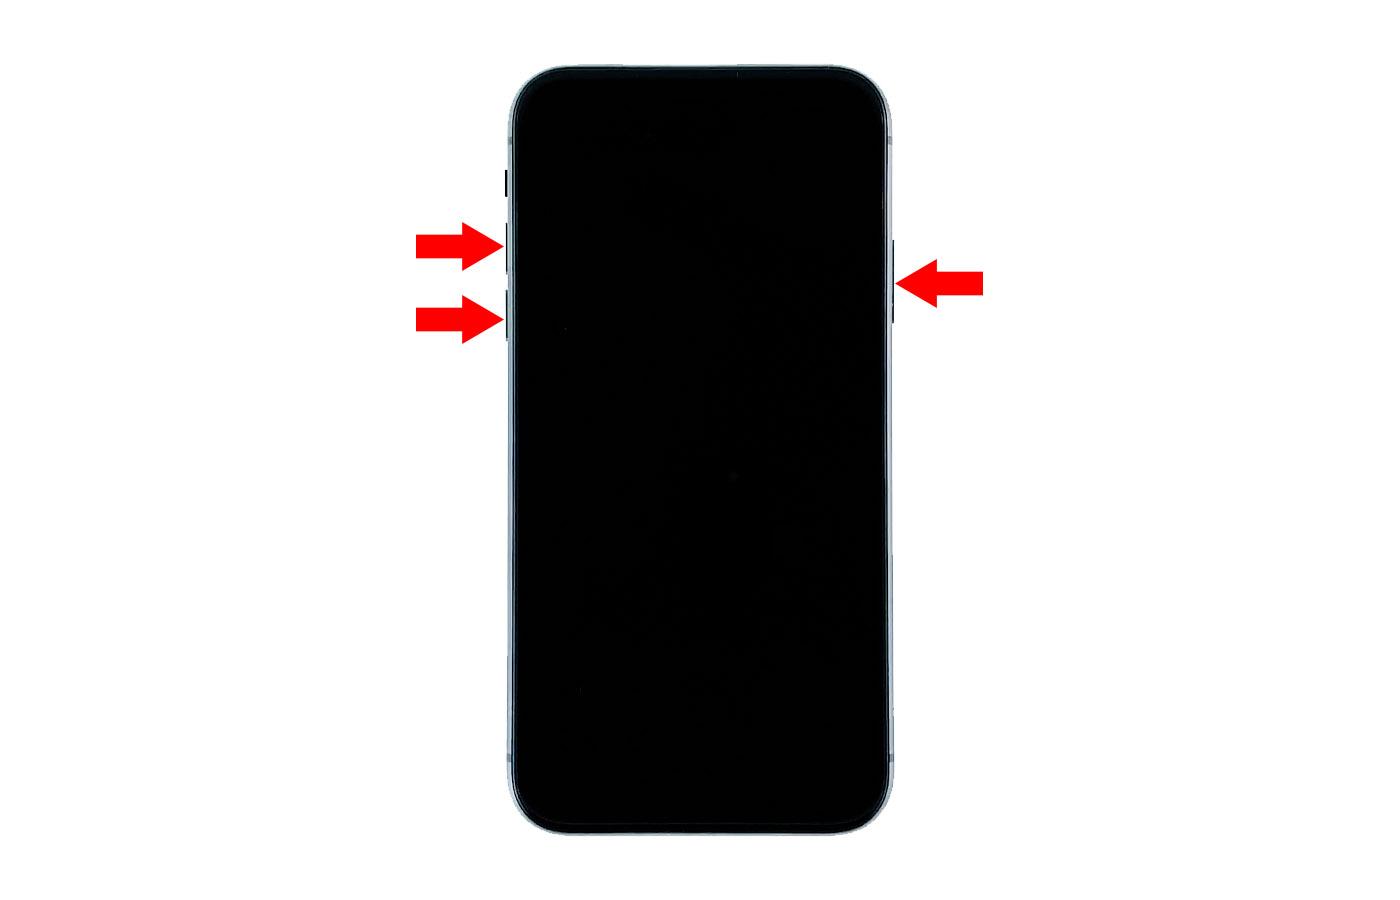 iphone xr forced restart